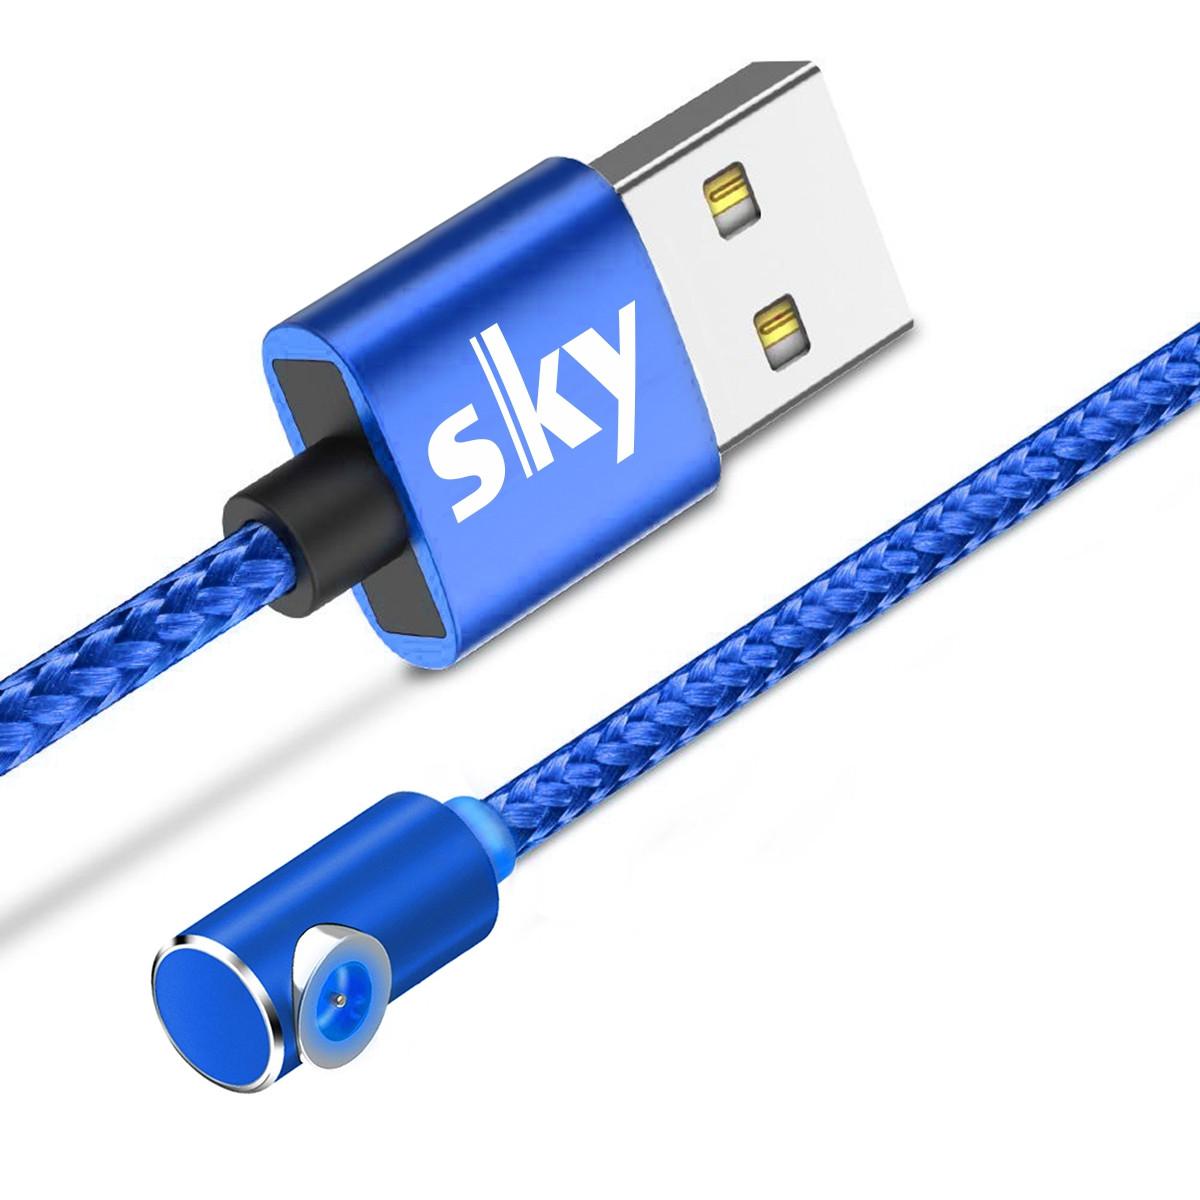 Магнитный кабель SKY без коннектора (L) для зарядки (100 см) Blue